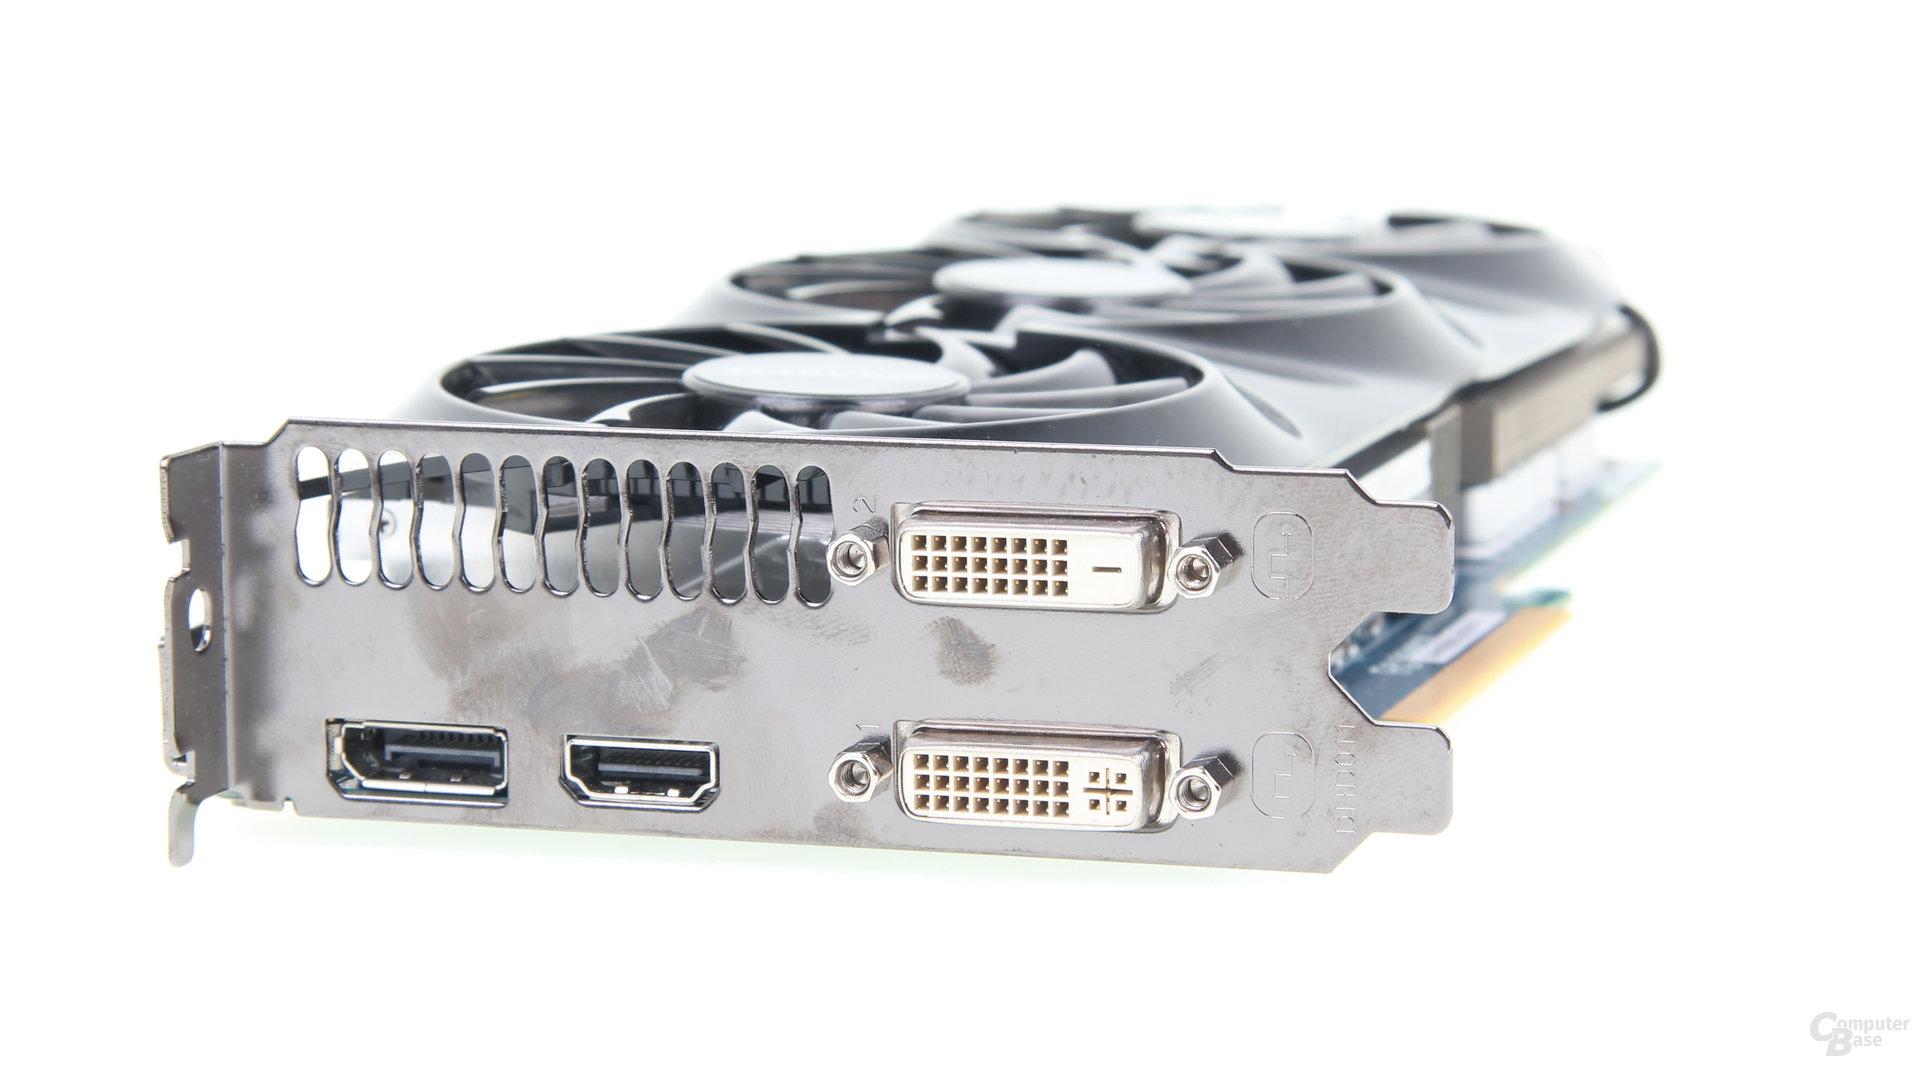 Gigabyte GeForce GTX 760 OC - Slotblende